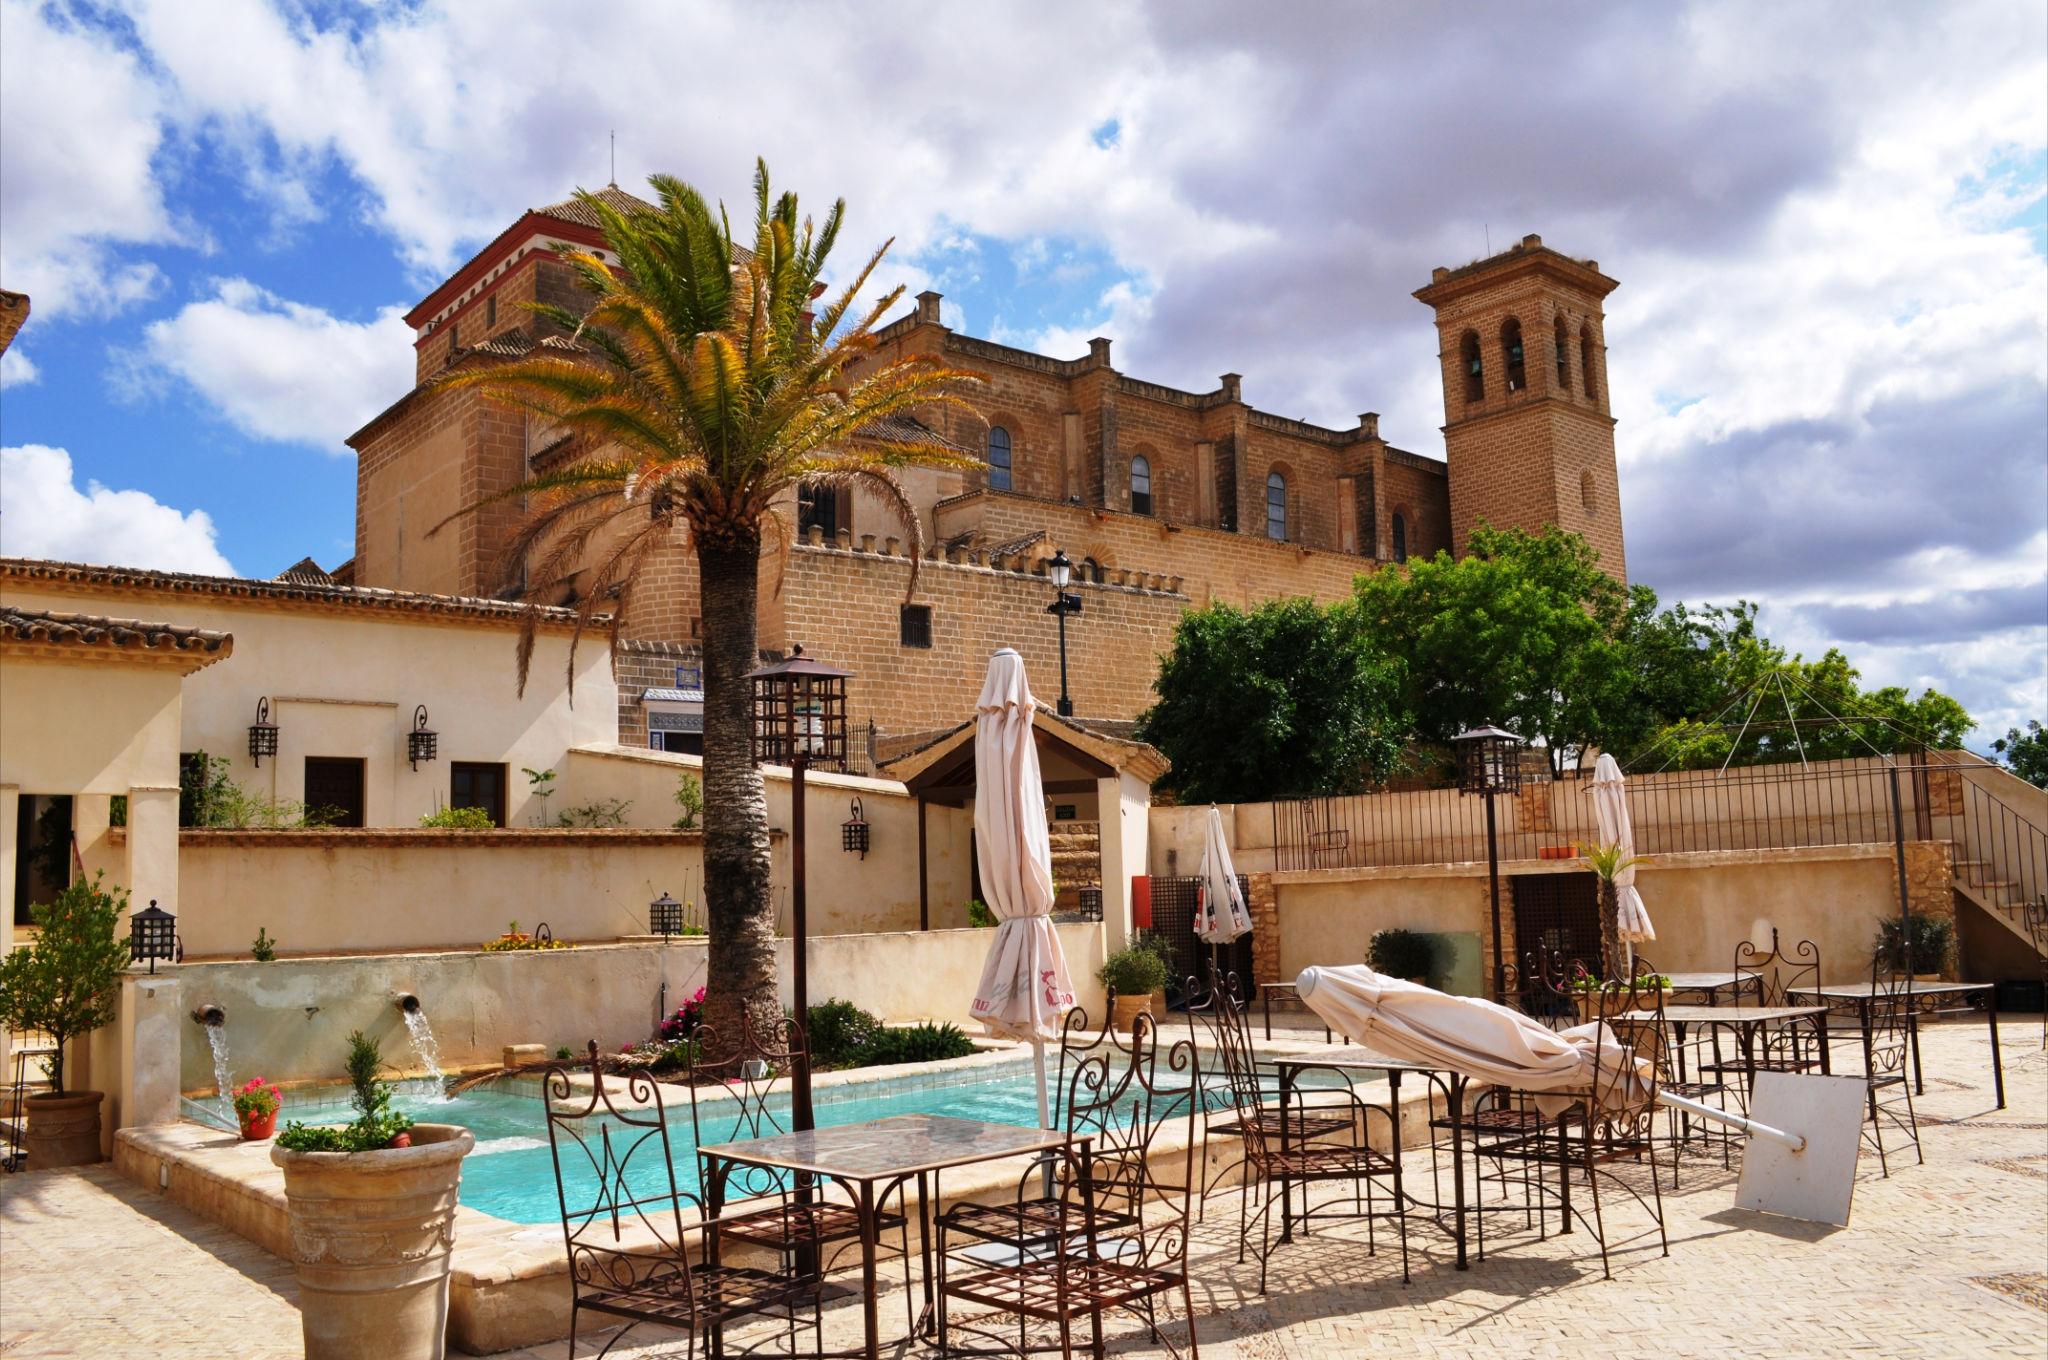 CITY OF DUKES. Osuna's old town from Hospederia del Monestario (José Luis Martín)